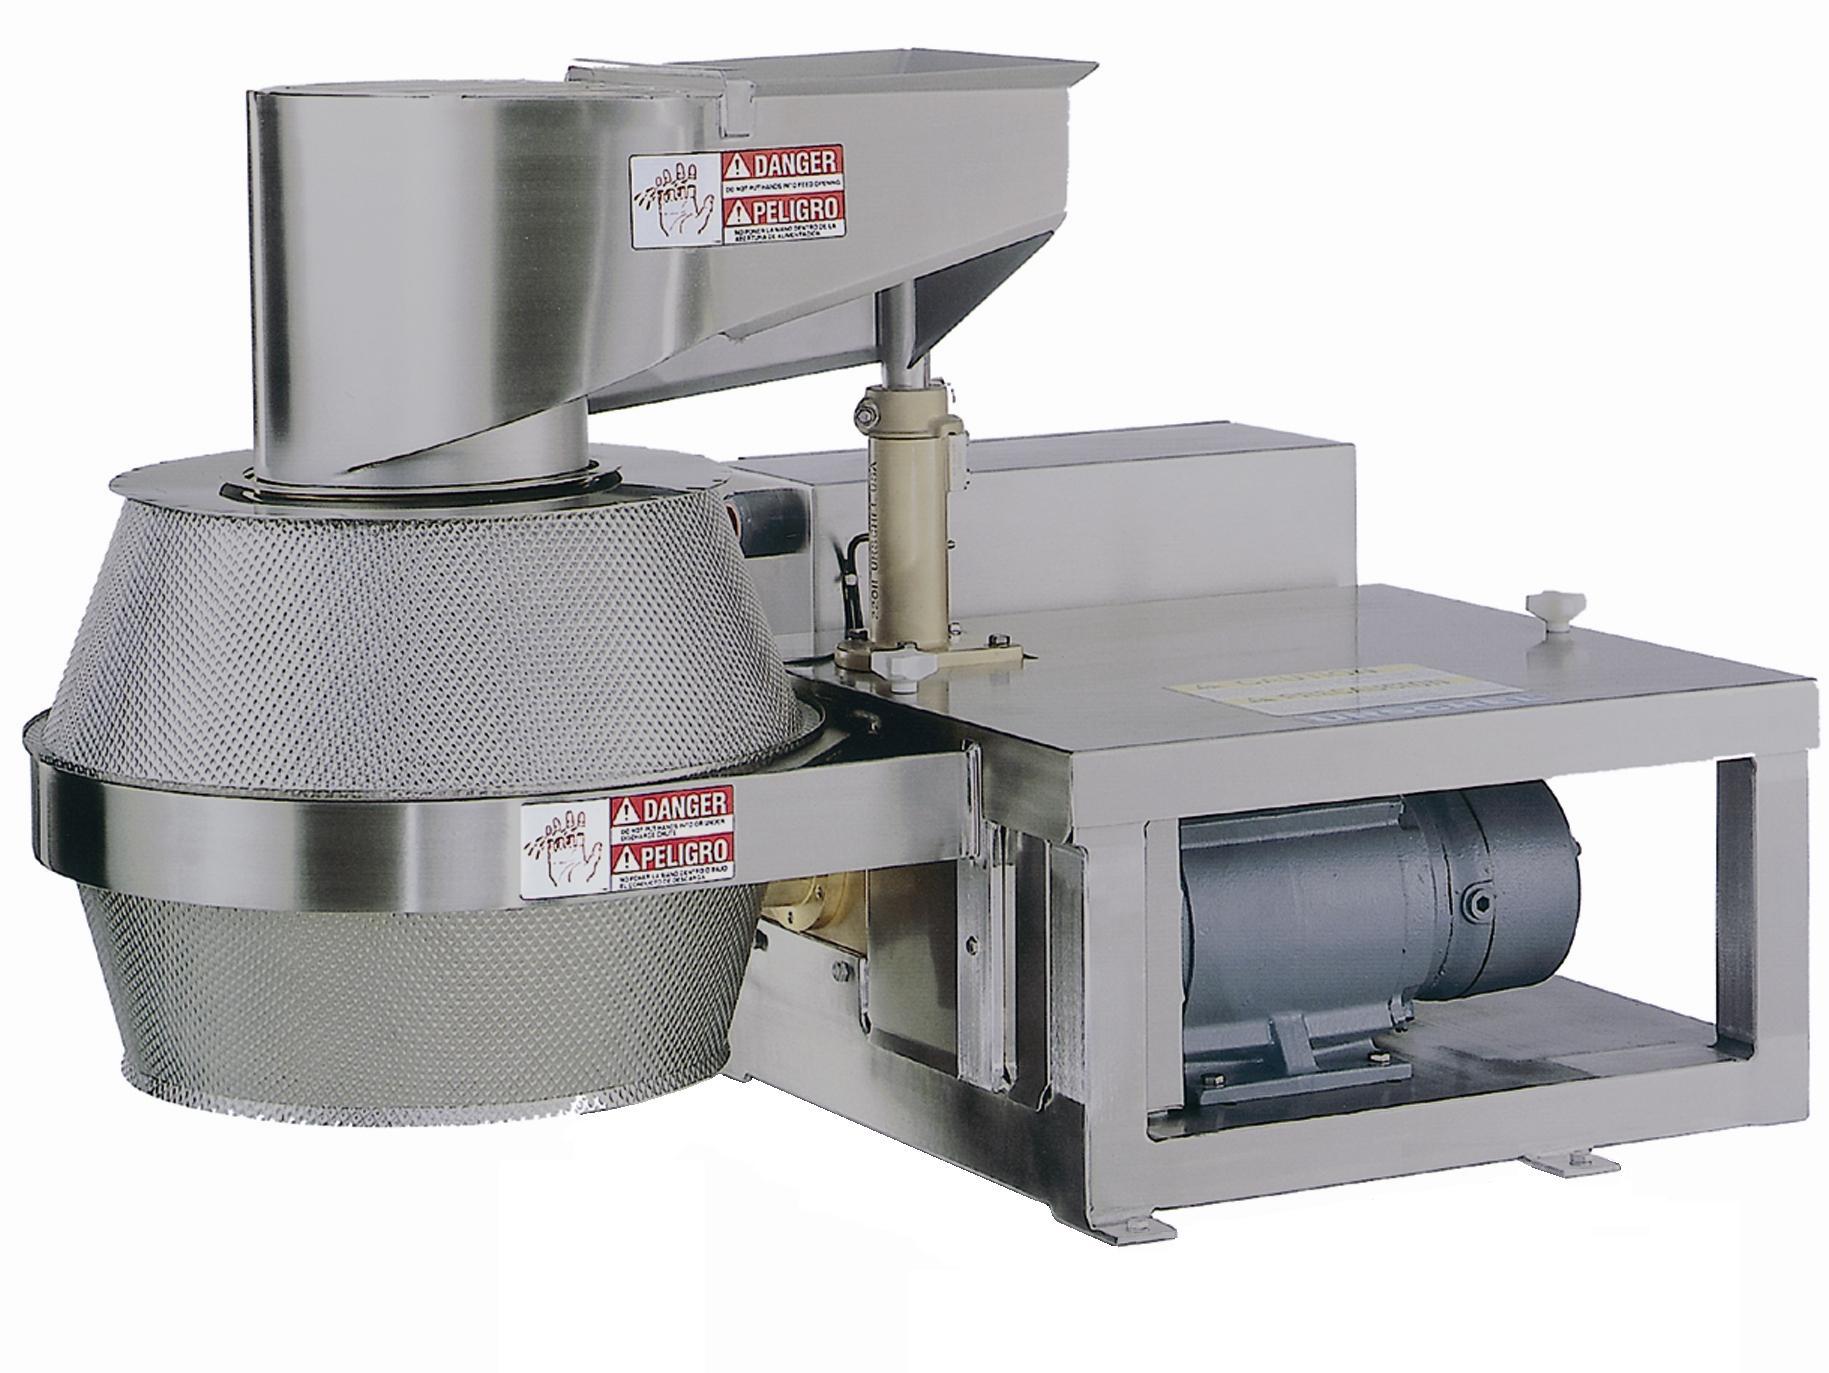 Urschel Modell CC - Zentrifugalschneidemaschine